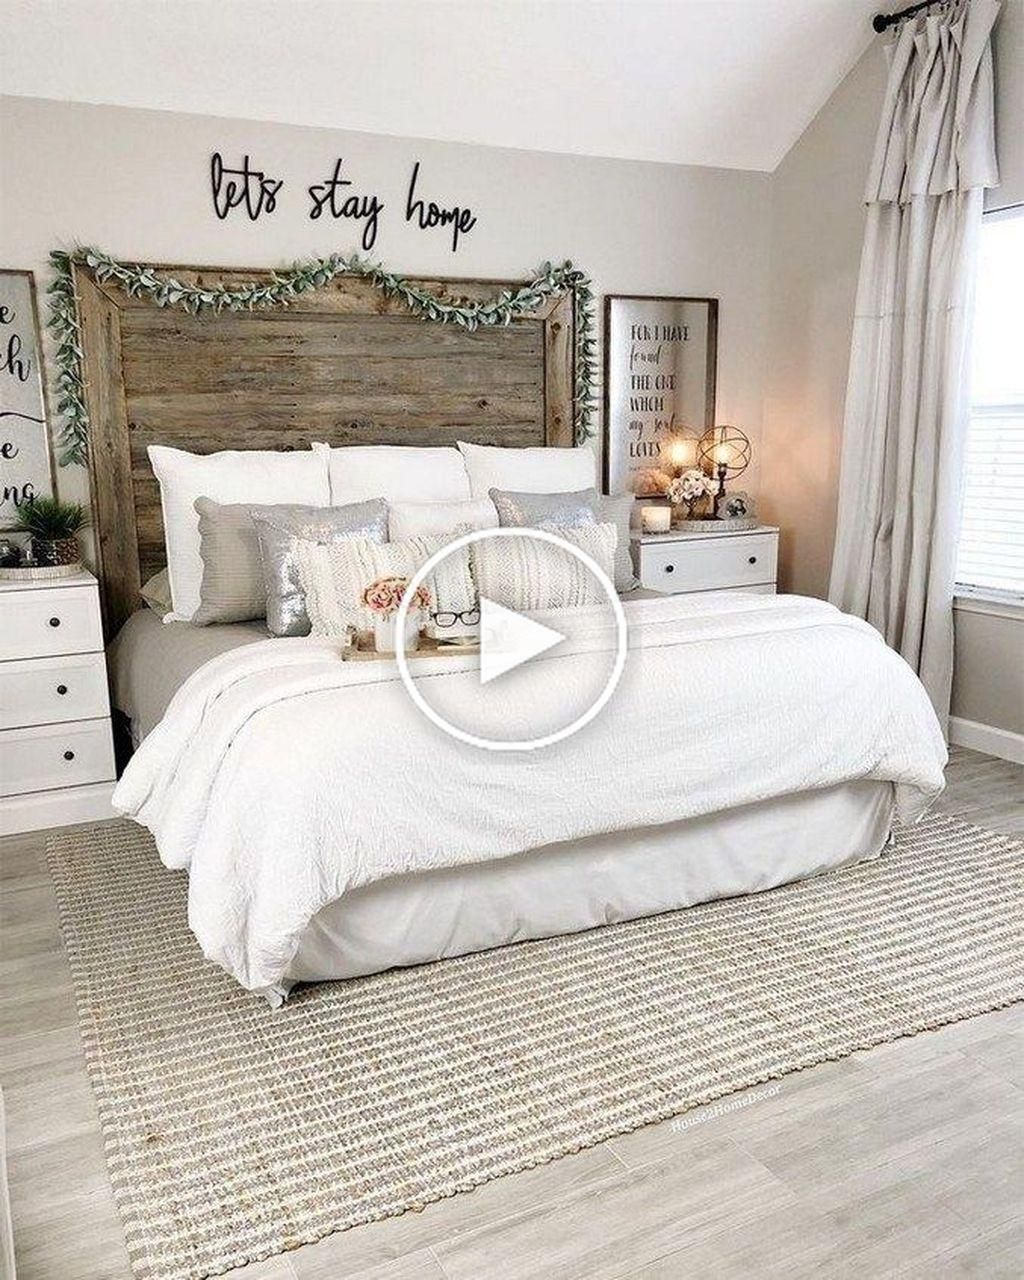 30 Magnifiques Idees De Renovation De Chambre De Ferme A Petit Budget Rustic Master Bedroom Farmhouse Style Master Bedroom Remodel Bedroom